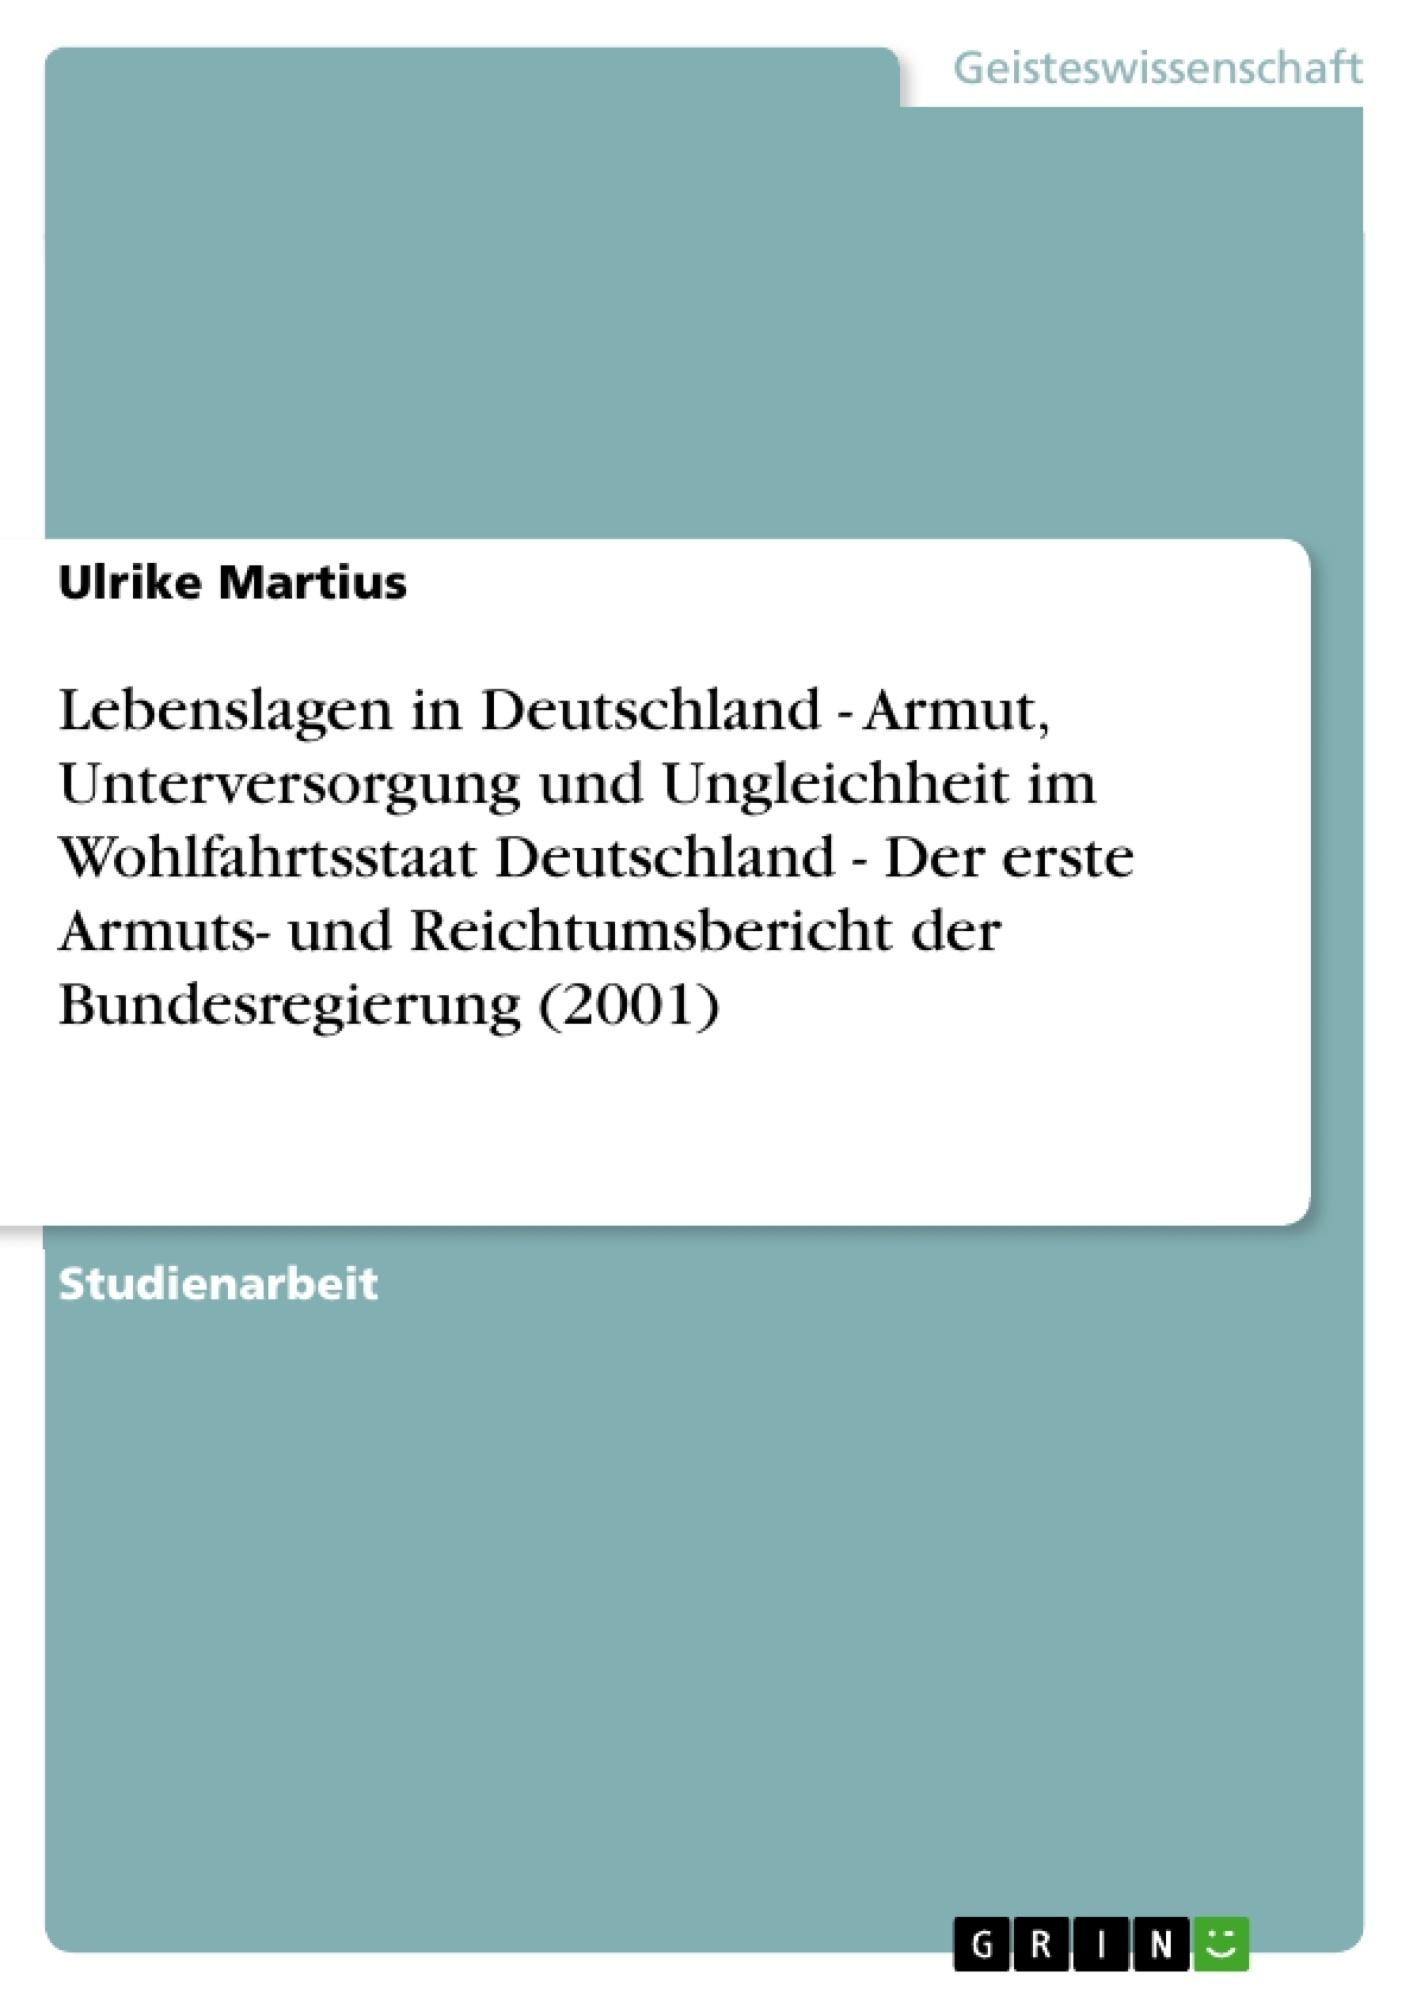 Titel: Lebenslagen in Deutschland - Armut, Unterversorgung und Ungleichheit im Wohlfahrtsstaat Deutschland - Der erste Armuts- und Reichtumsbericht der Bundesregierung (2001)